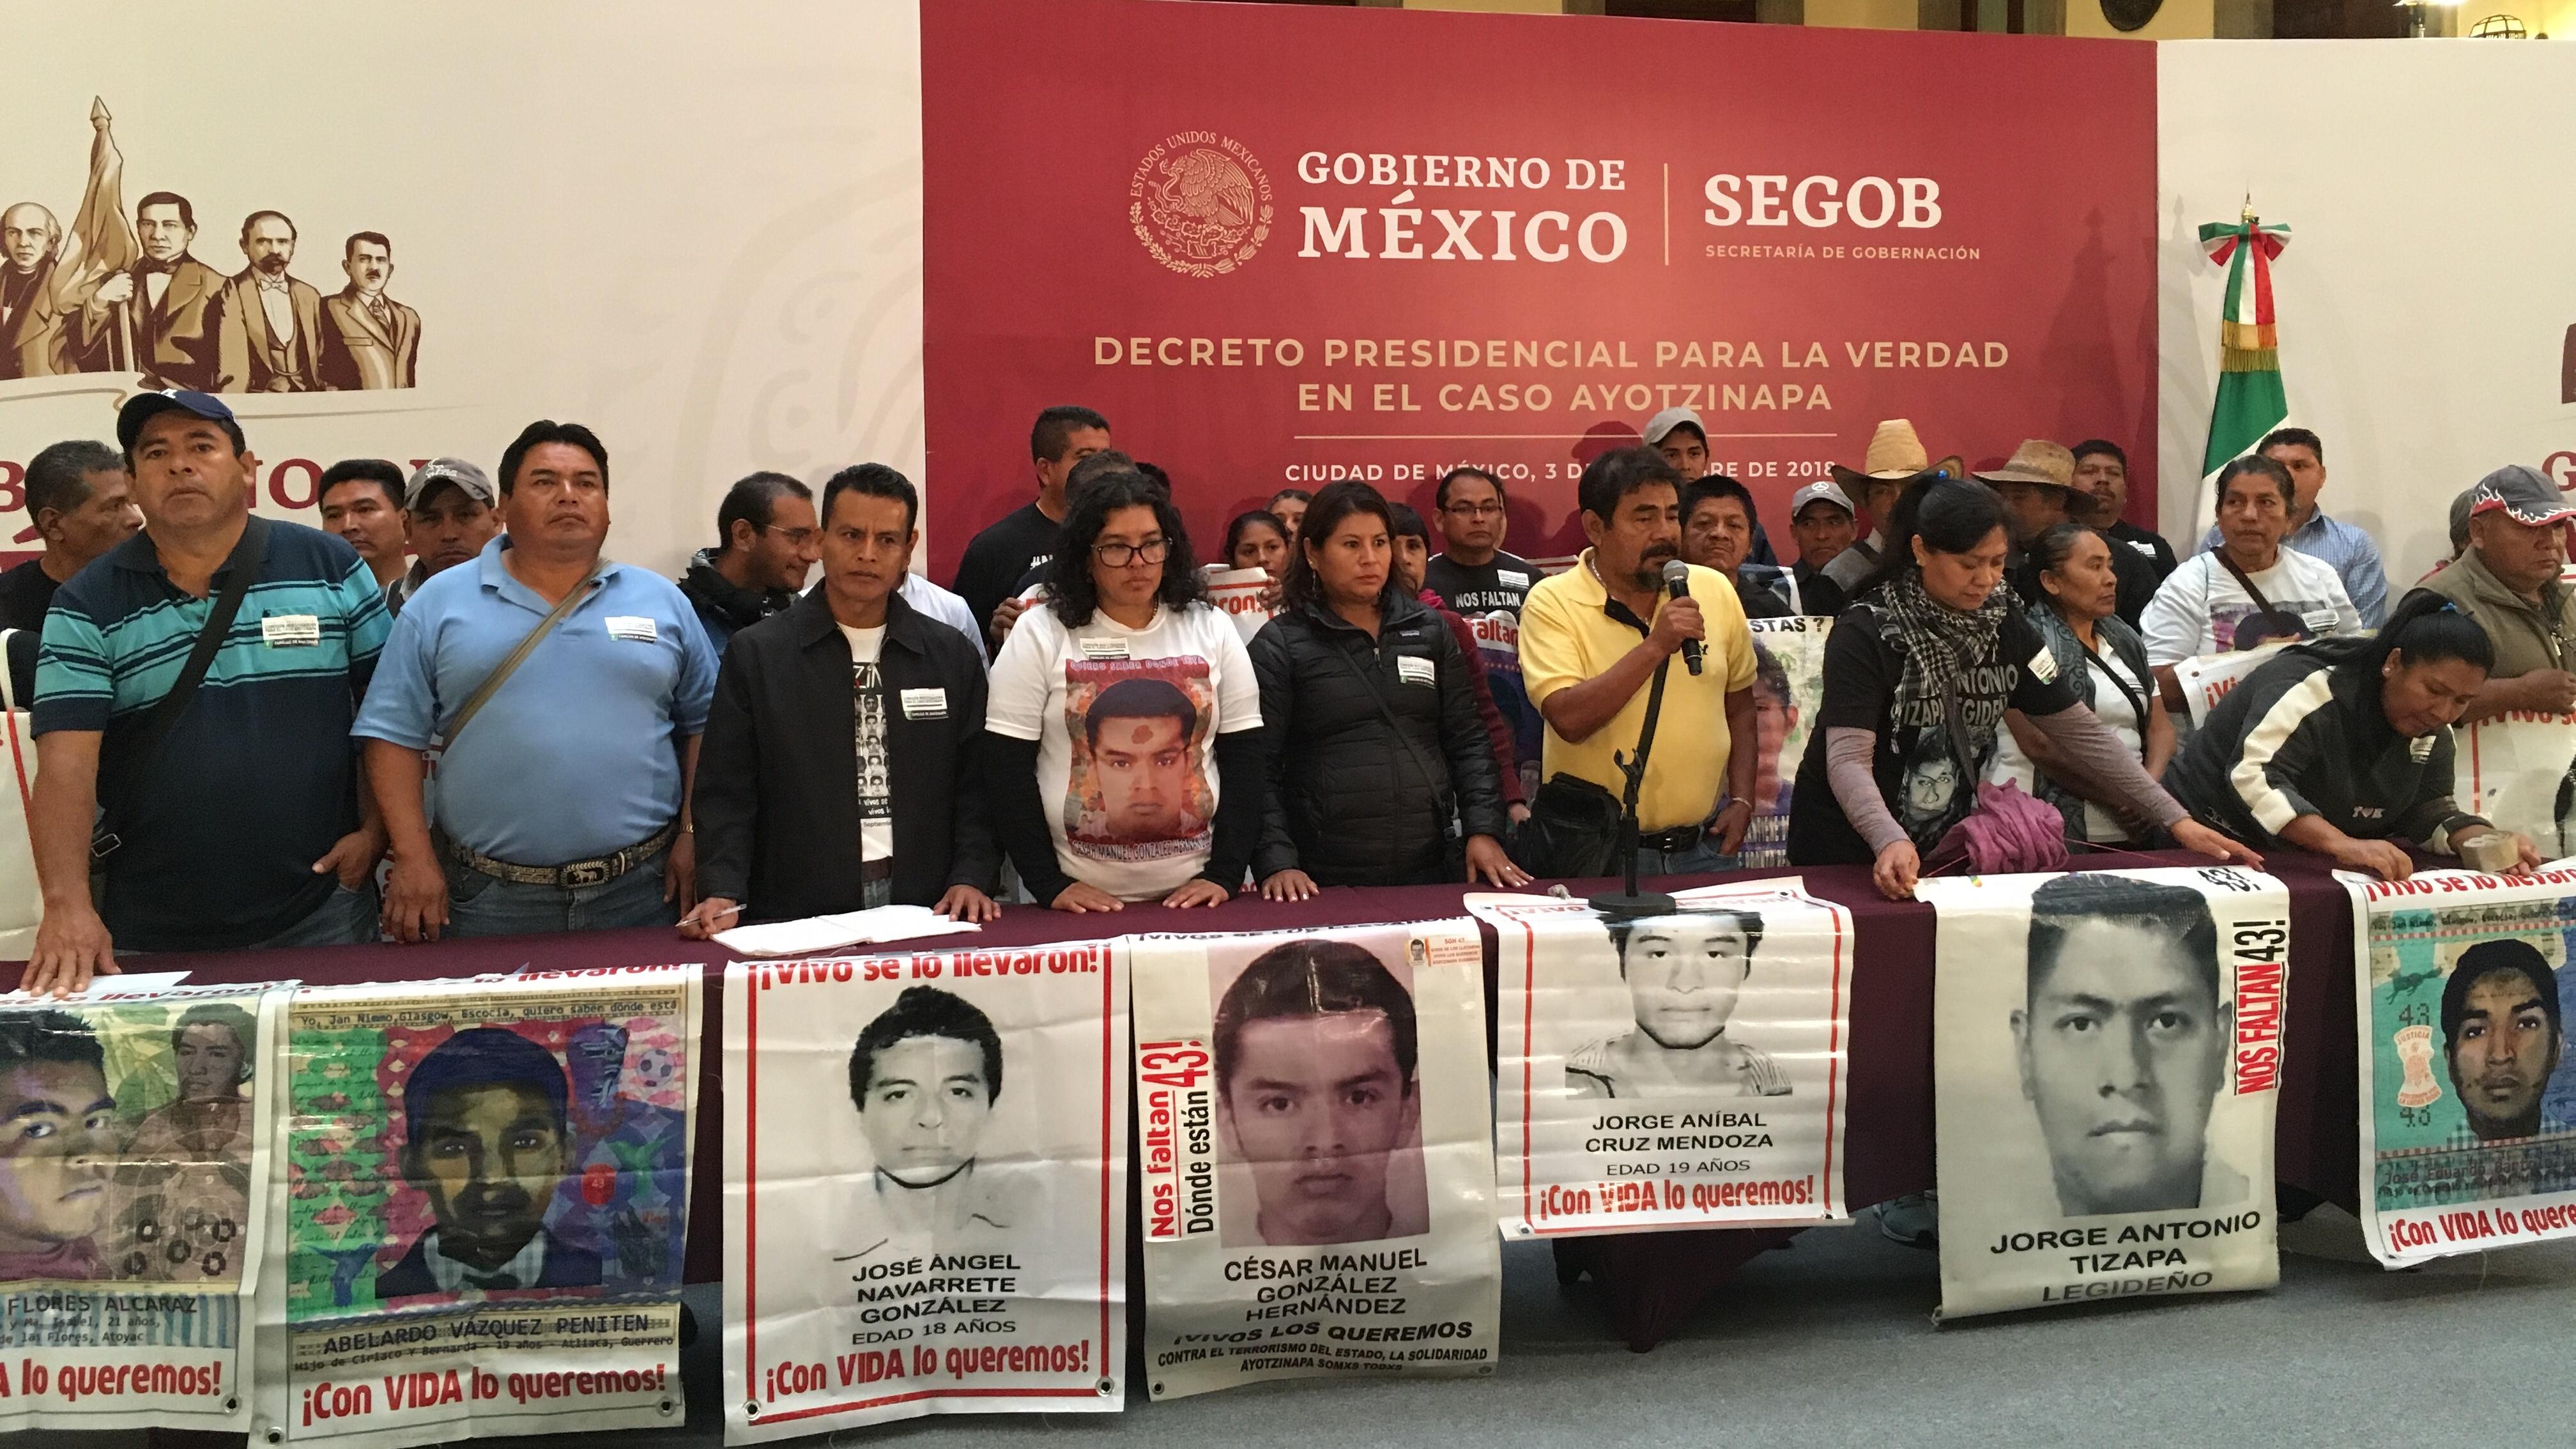 El primer decreto de AMLO: esclarecer el caso Ayotzinapa